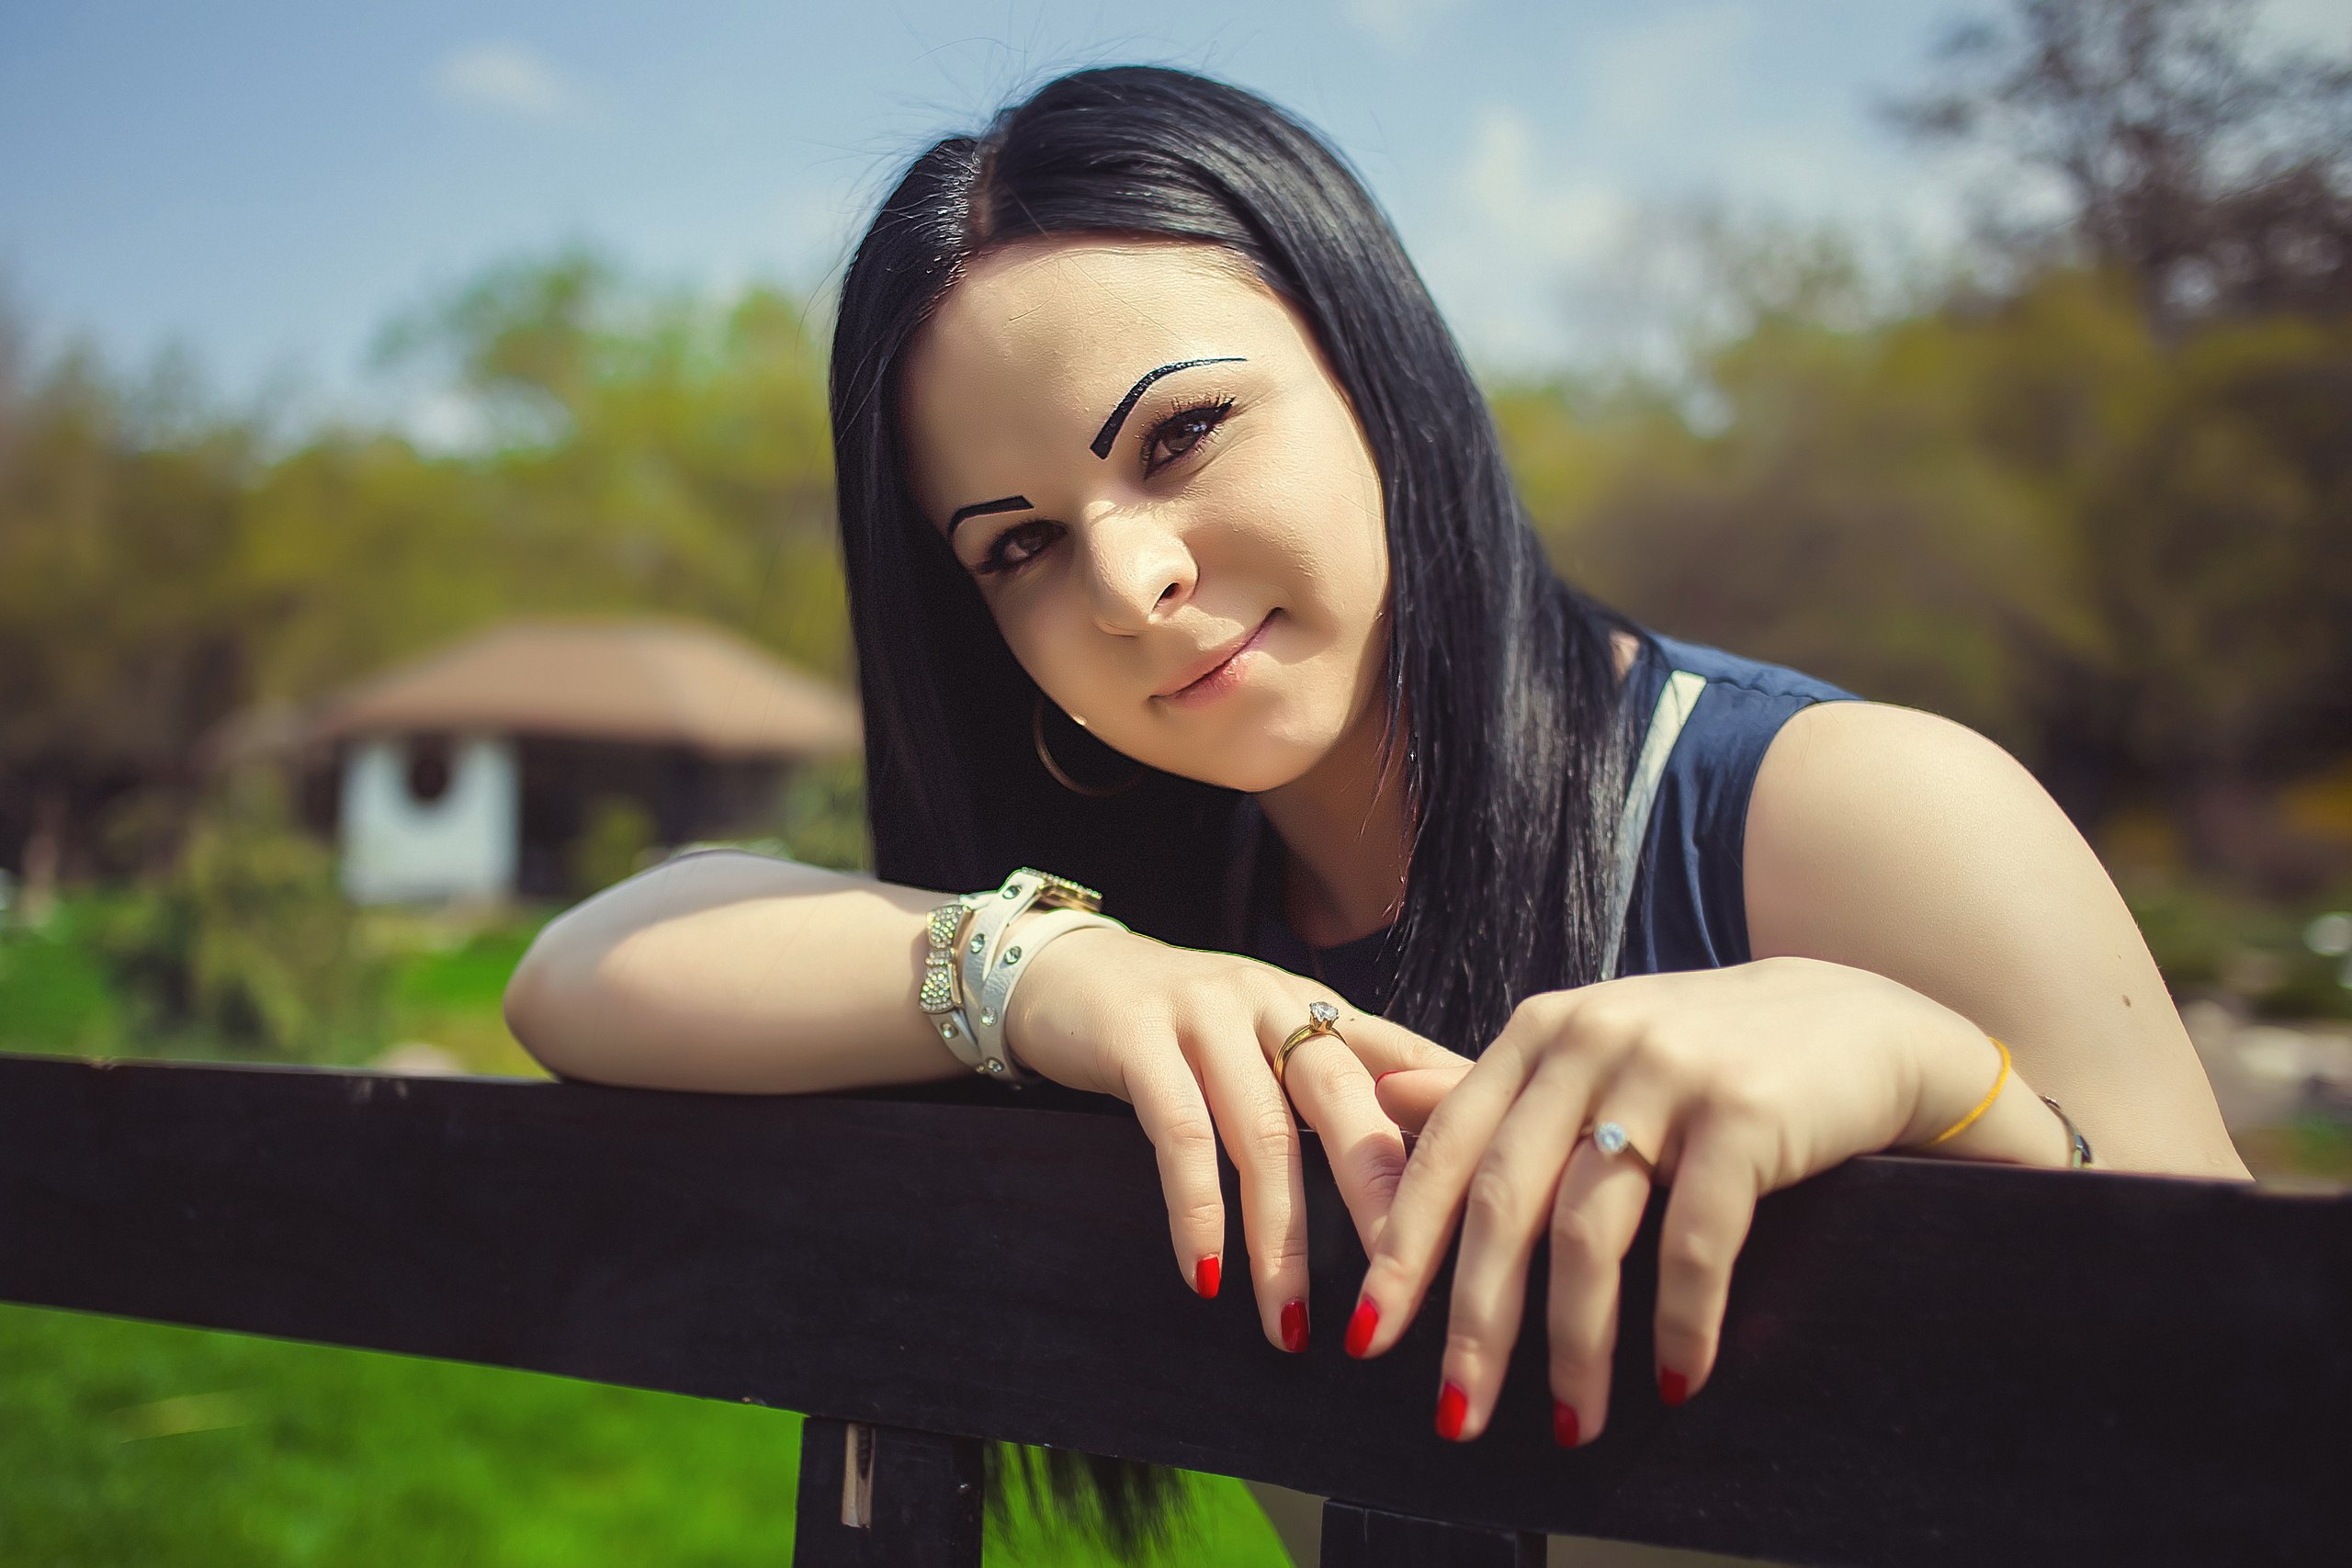 Фото про казахстанских девушек 18 фотография